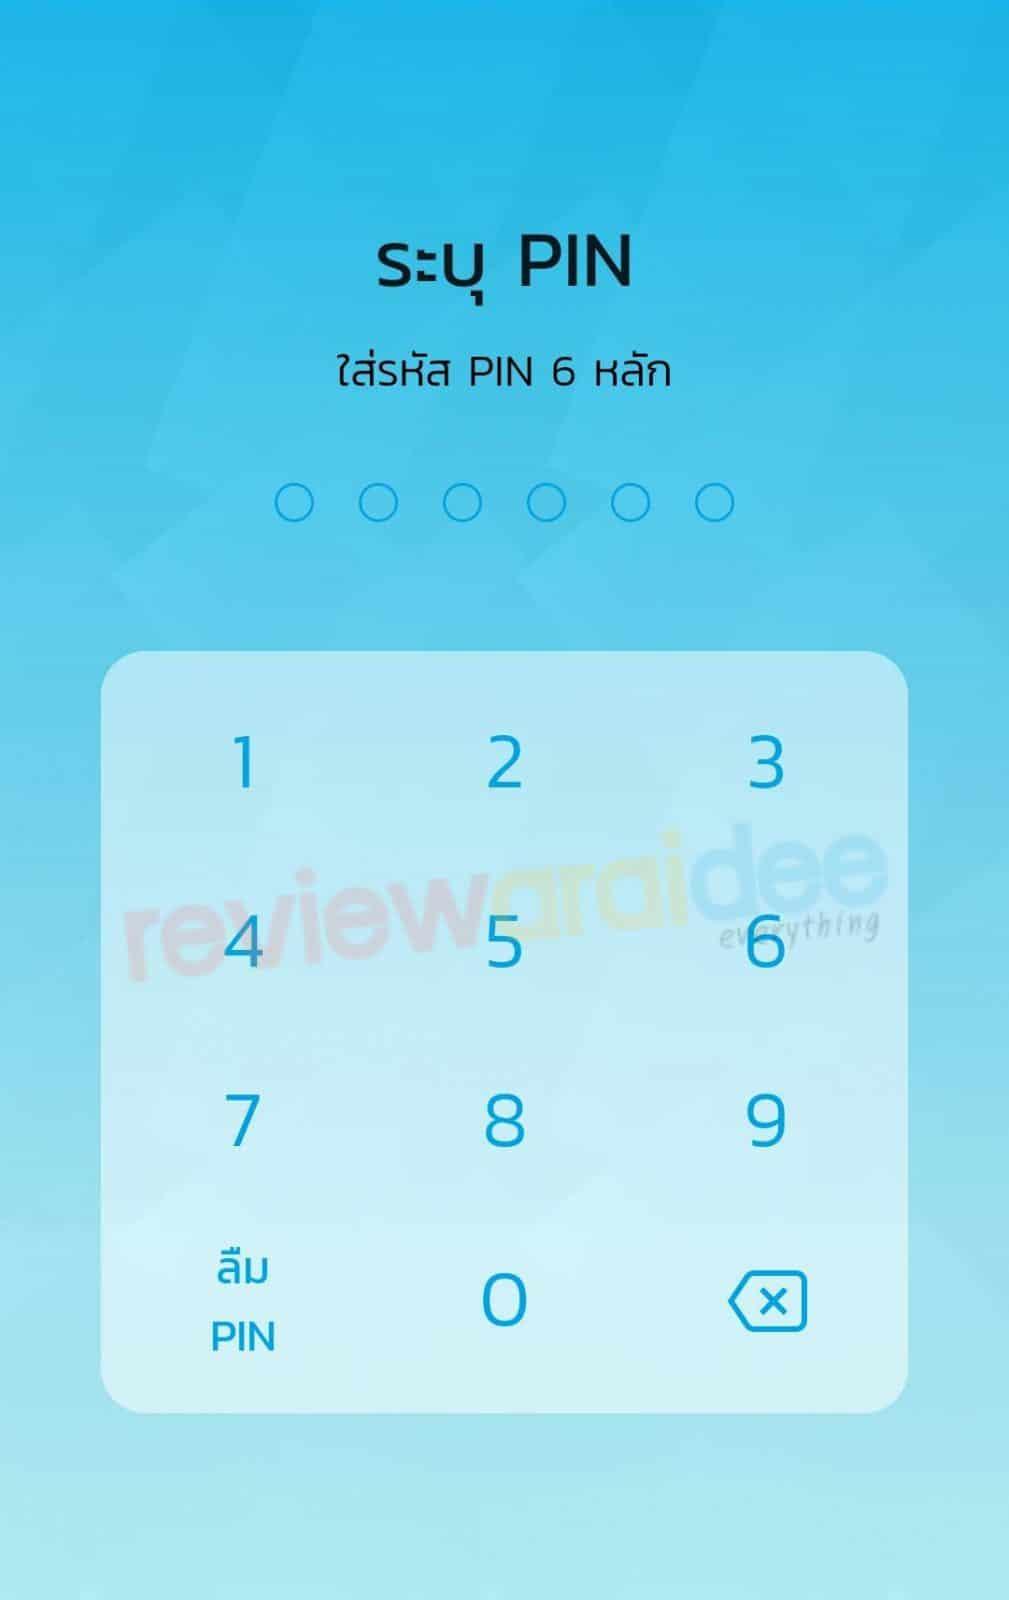 [แนะนำ] แอปเป๋าตัง ธนาคารกรุงไทย บอกว่าใส่รหัส PIN ผิดเกินจำนวนครั้งทำยังไง ? 3 วิธีแก้ไข  กดรหัส pin เป๋าตังผิดใส่เกินกำหนด 3 ครั้ง